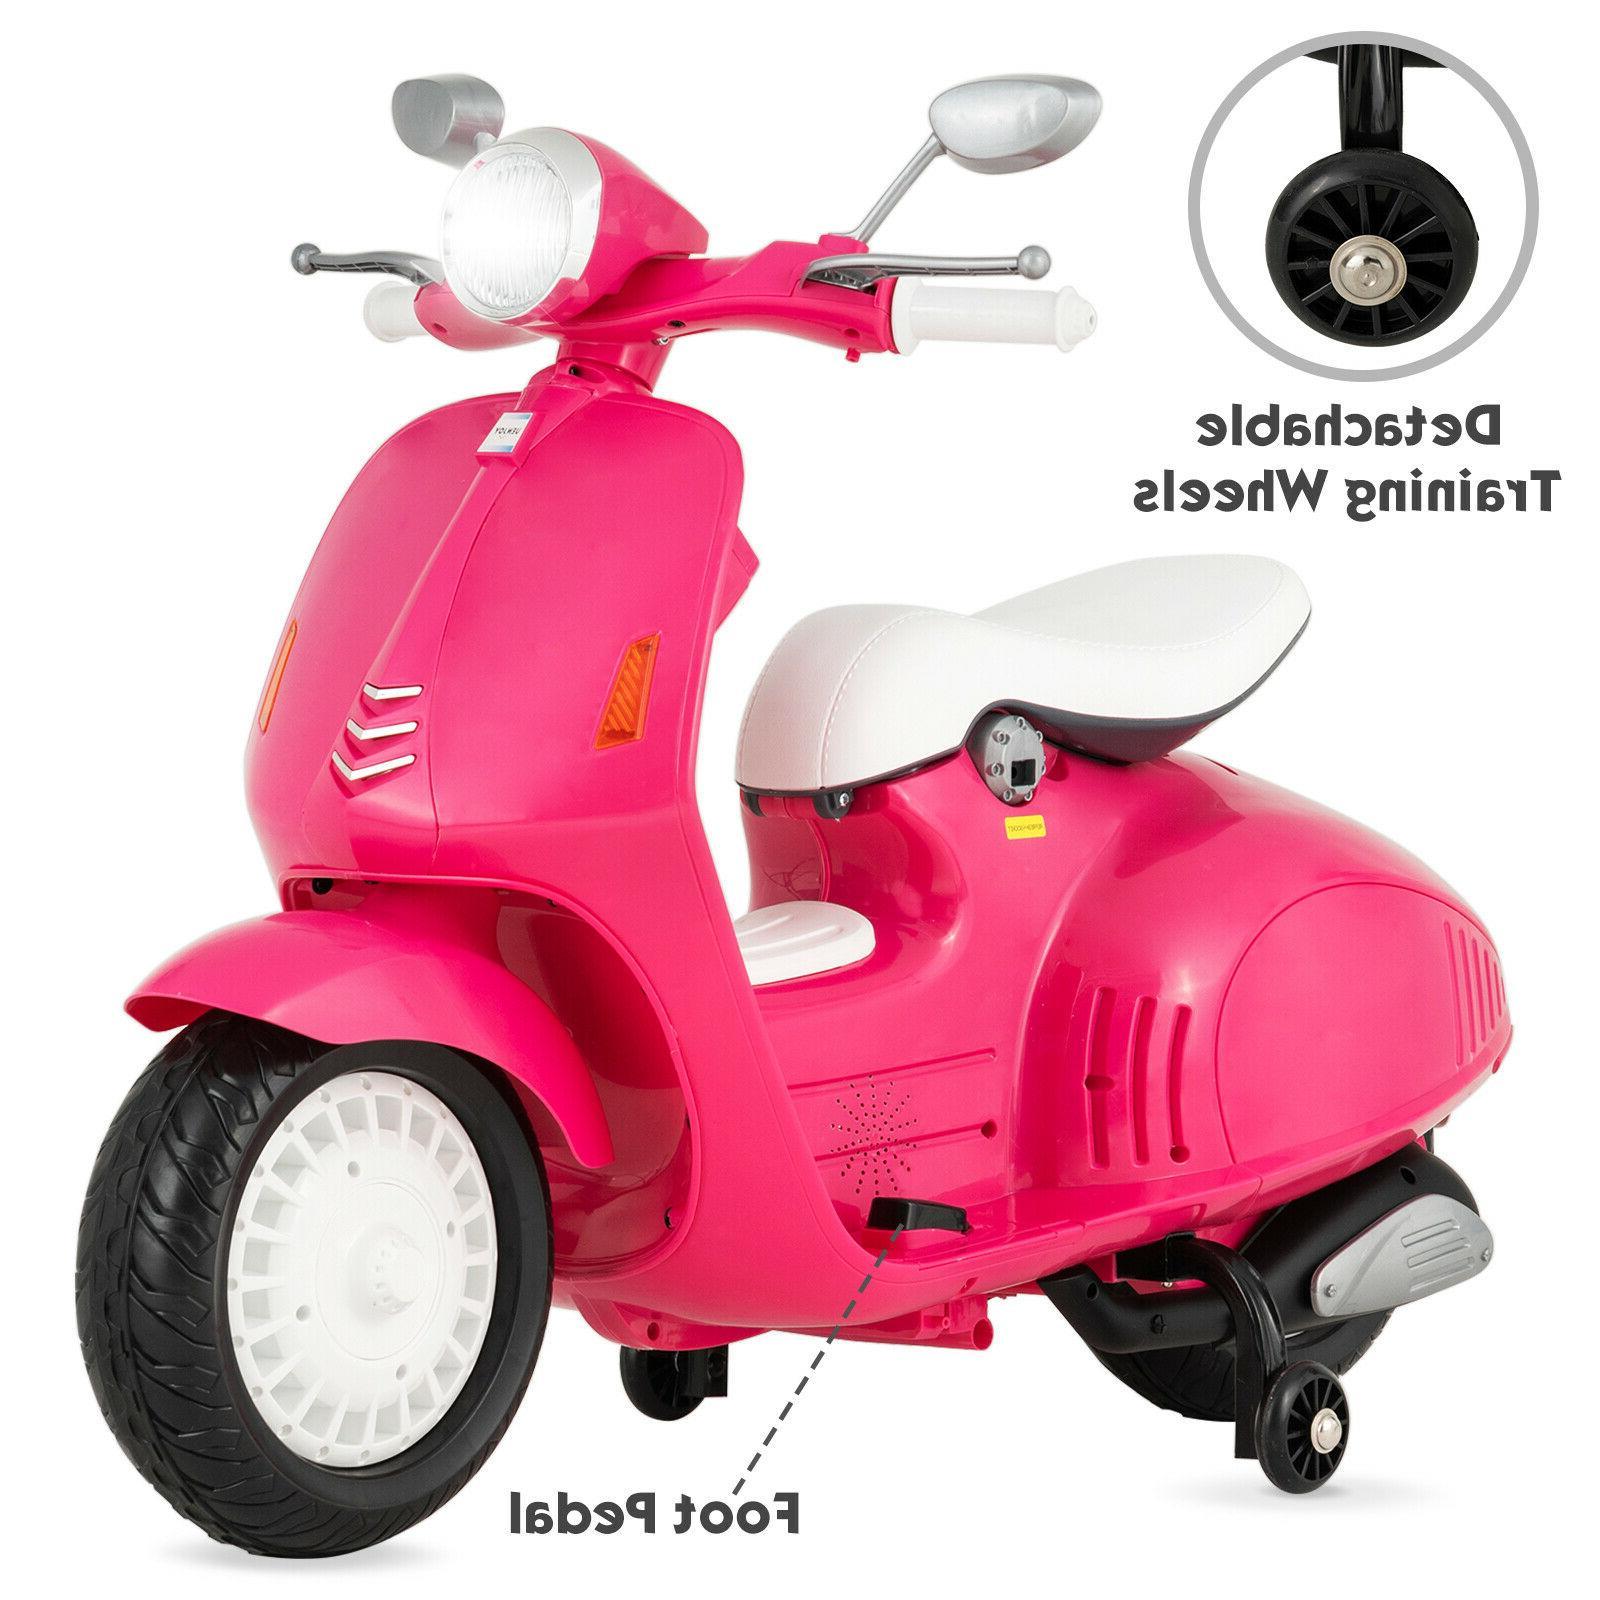 12V Ride On